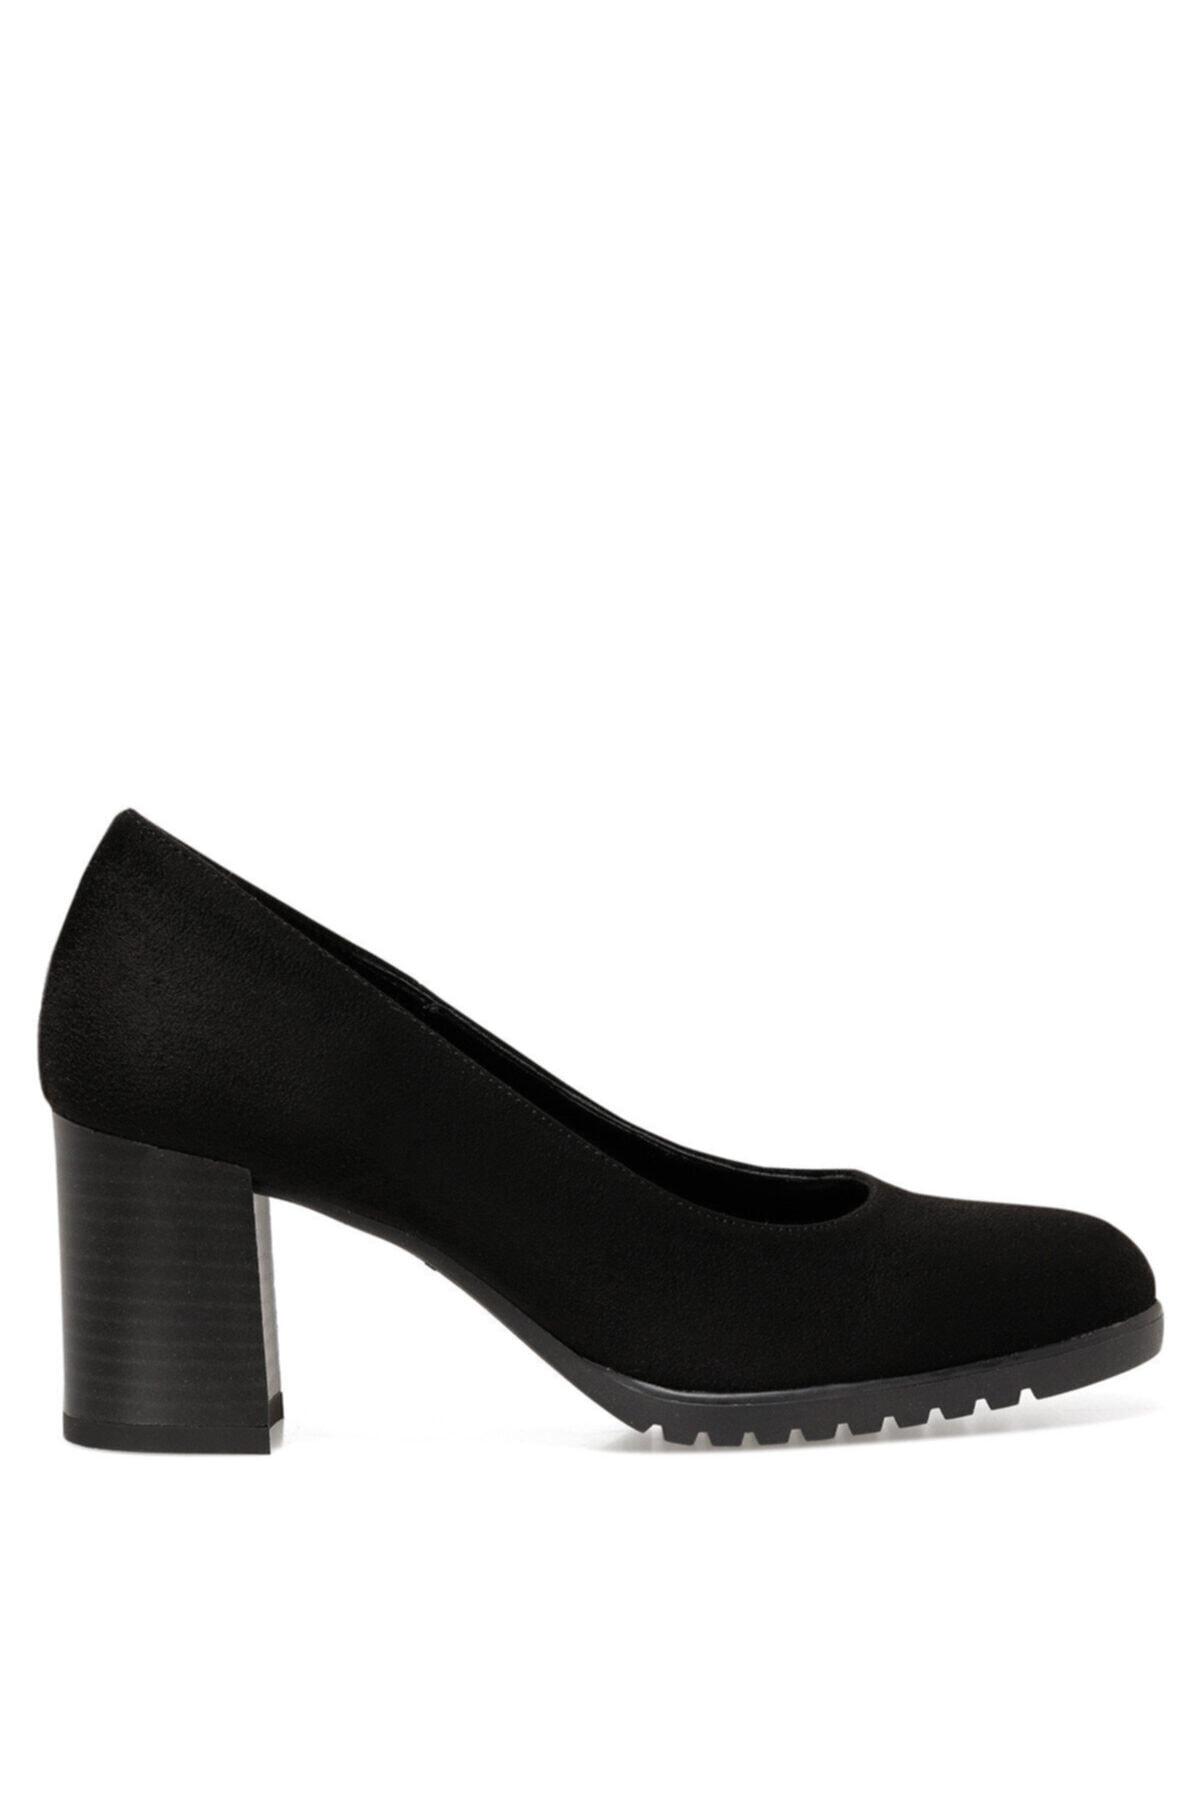 Nine West PVENS Siyah Kadın Ayakkabı 100664049 1